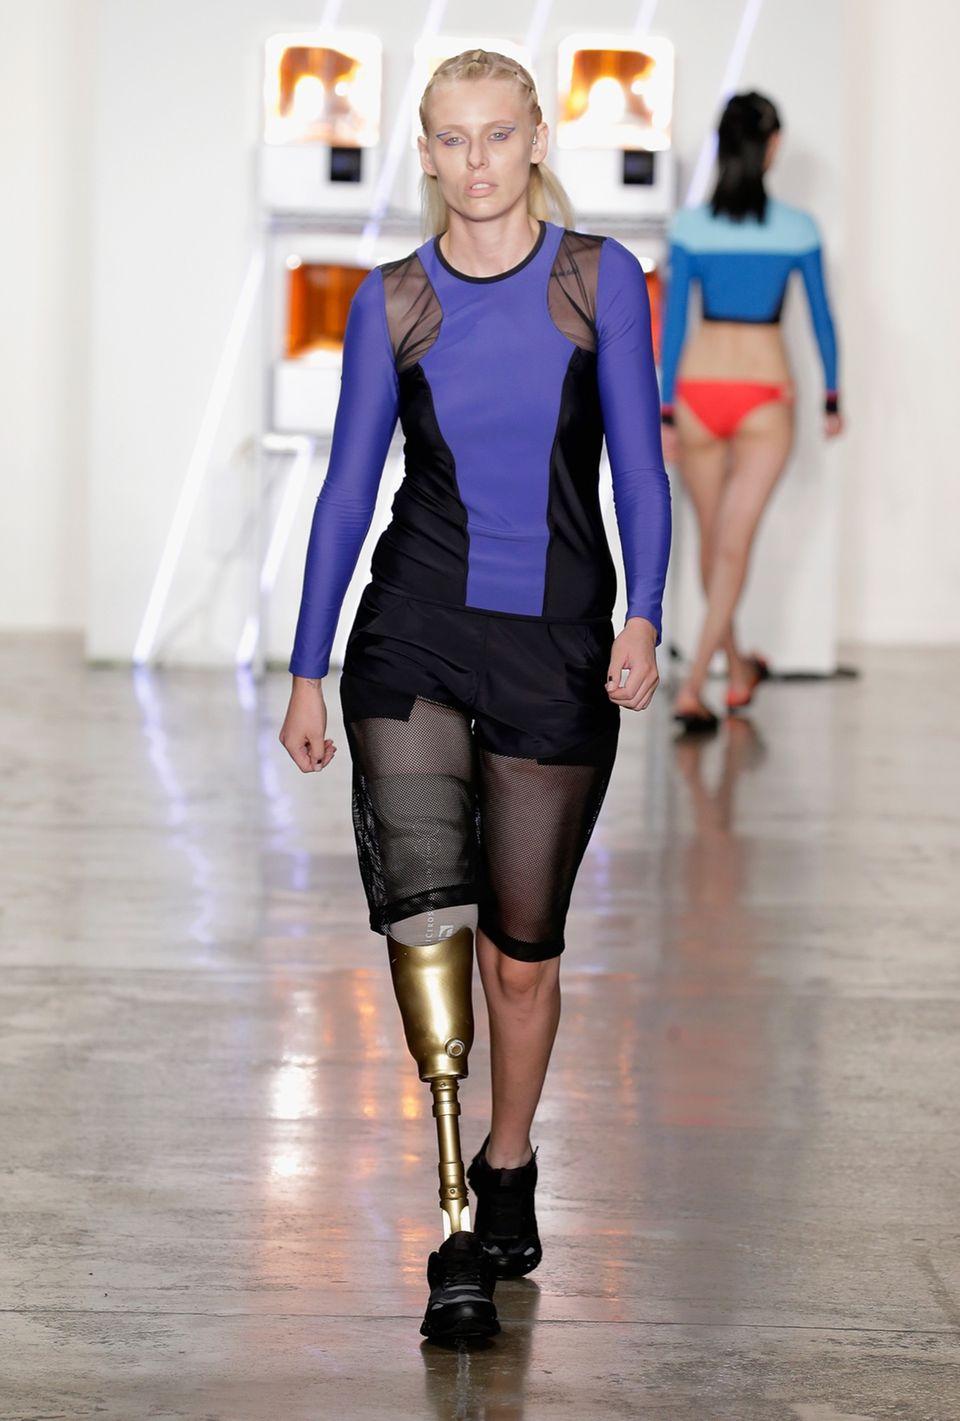 Model verliert beide Beine - weil es Tampons benutzt hat